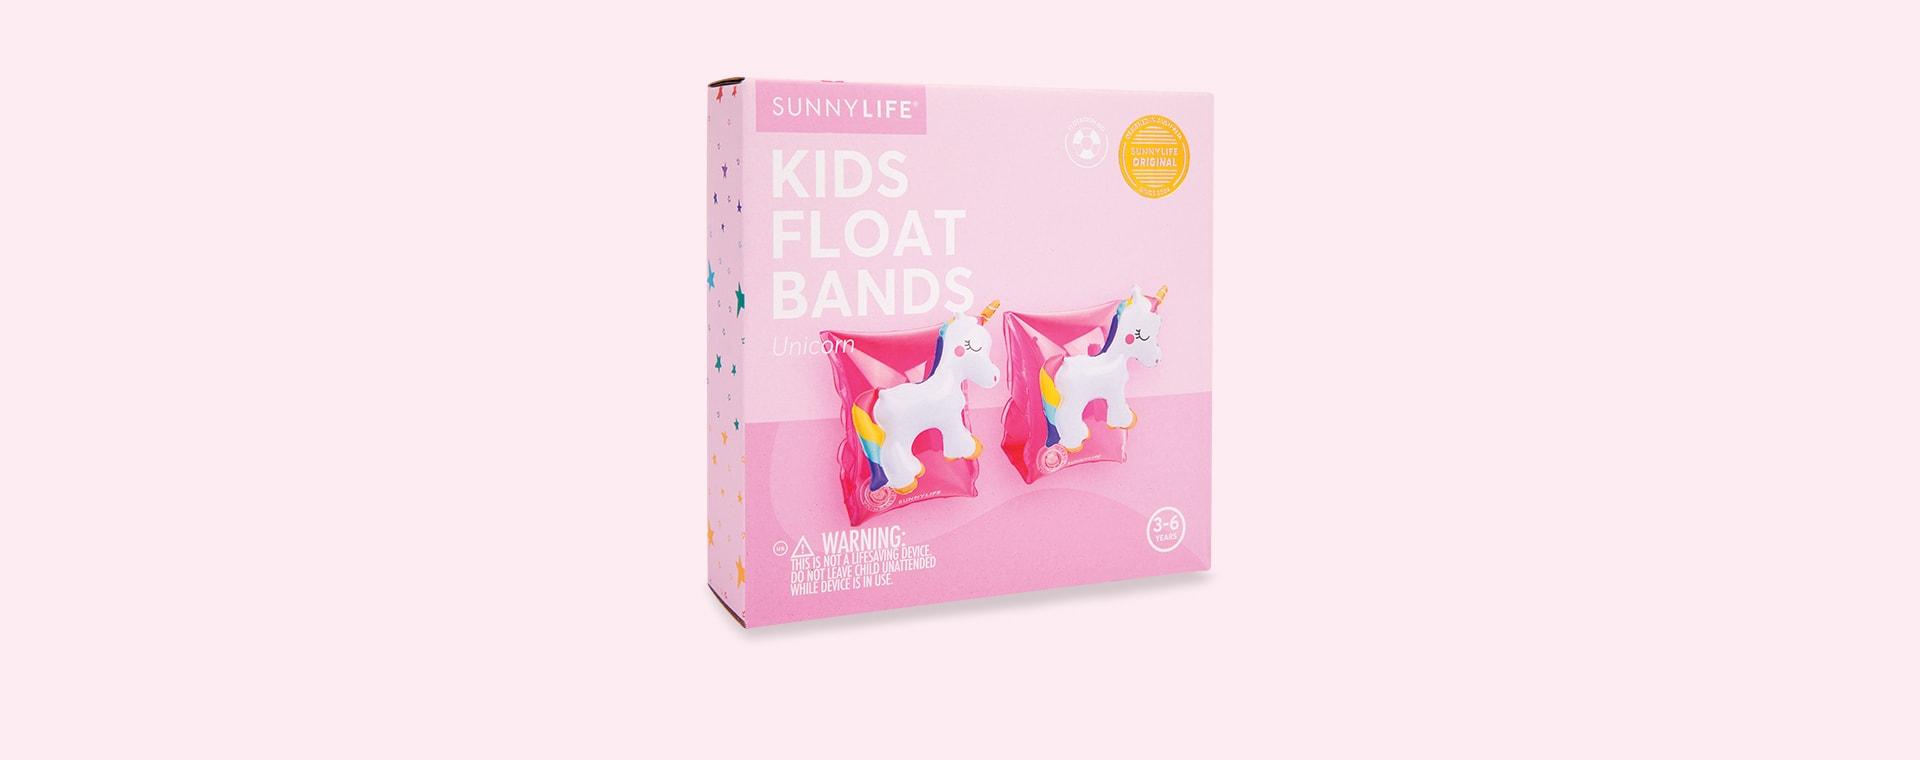 Unicorn Sunnylife Arm Bands